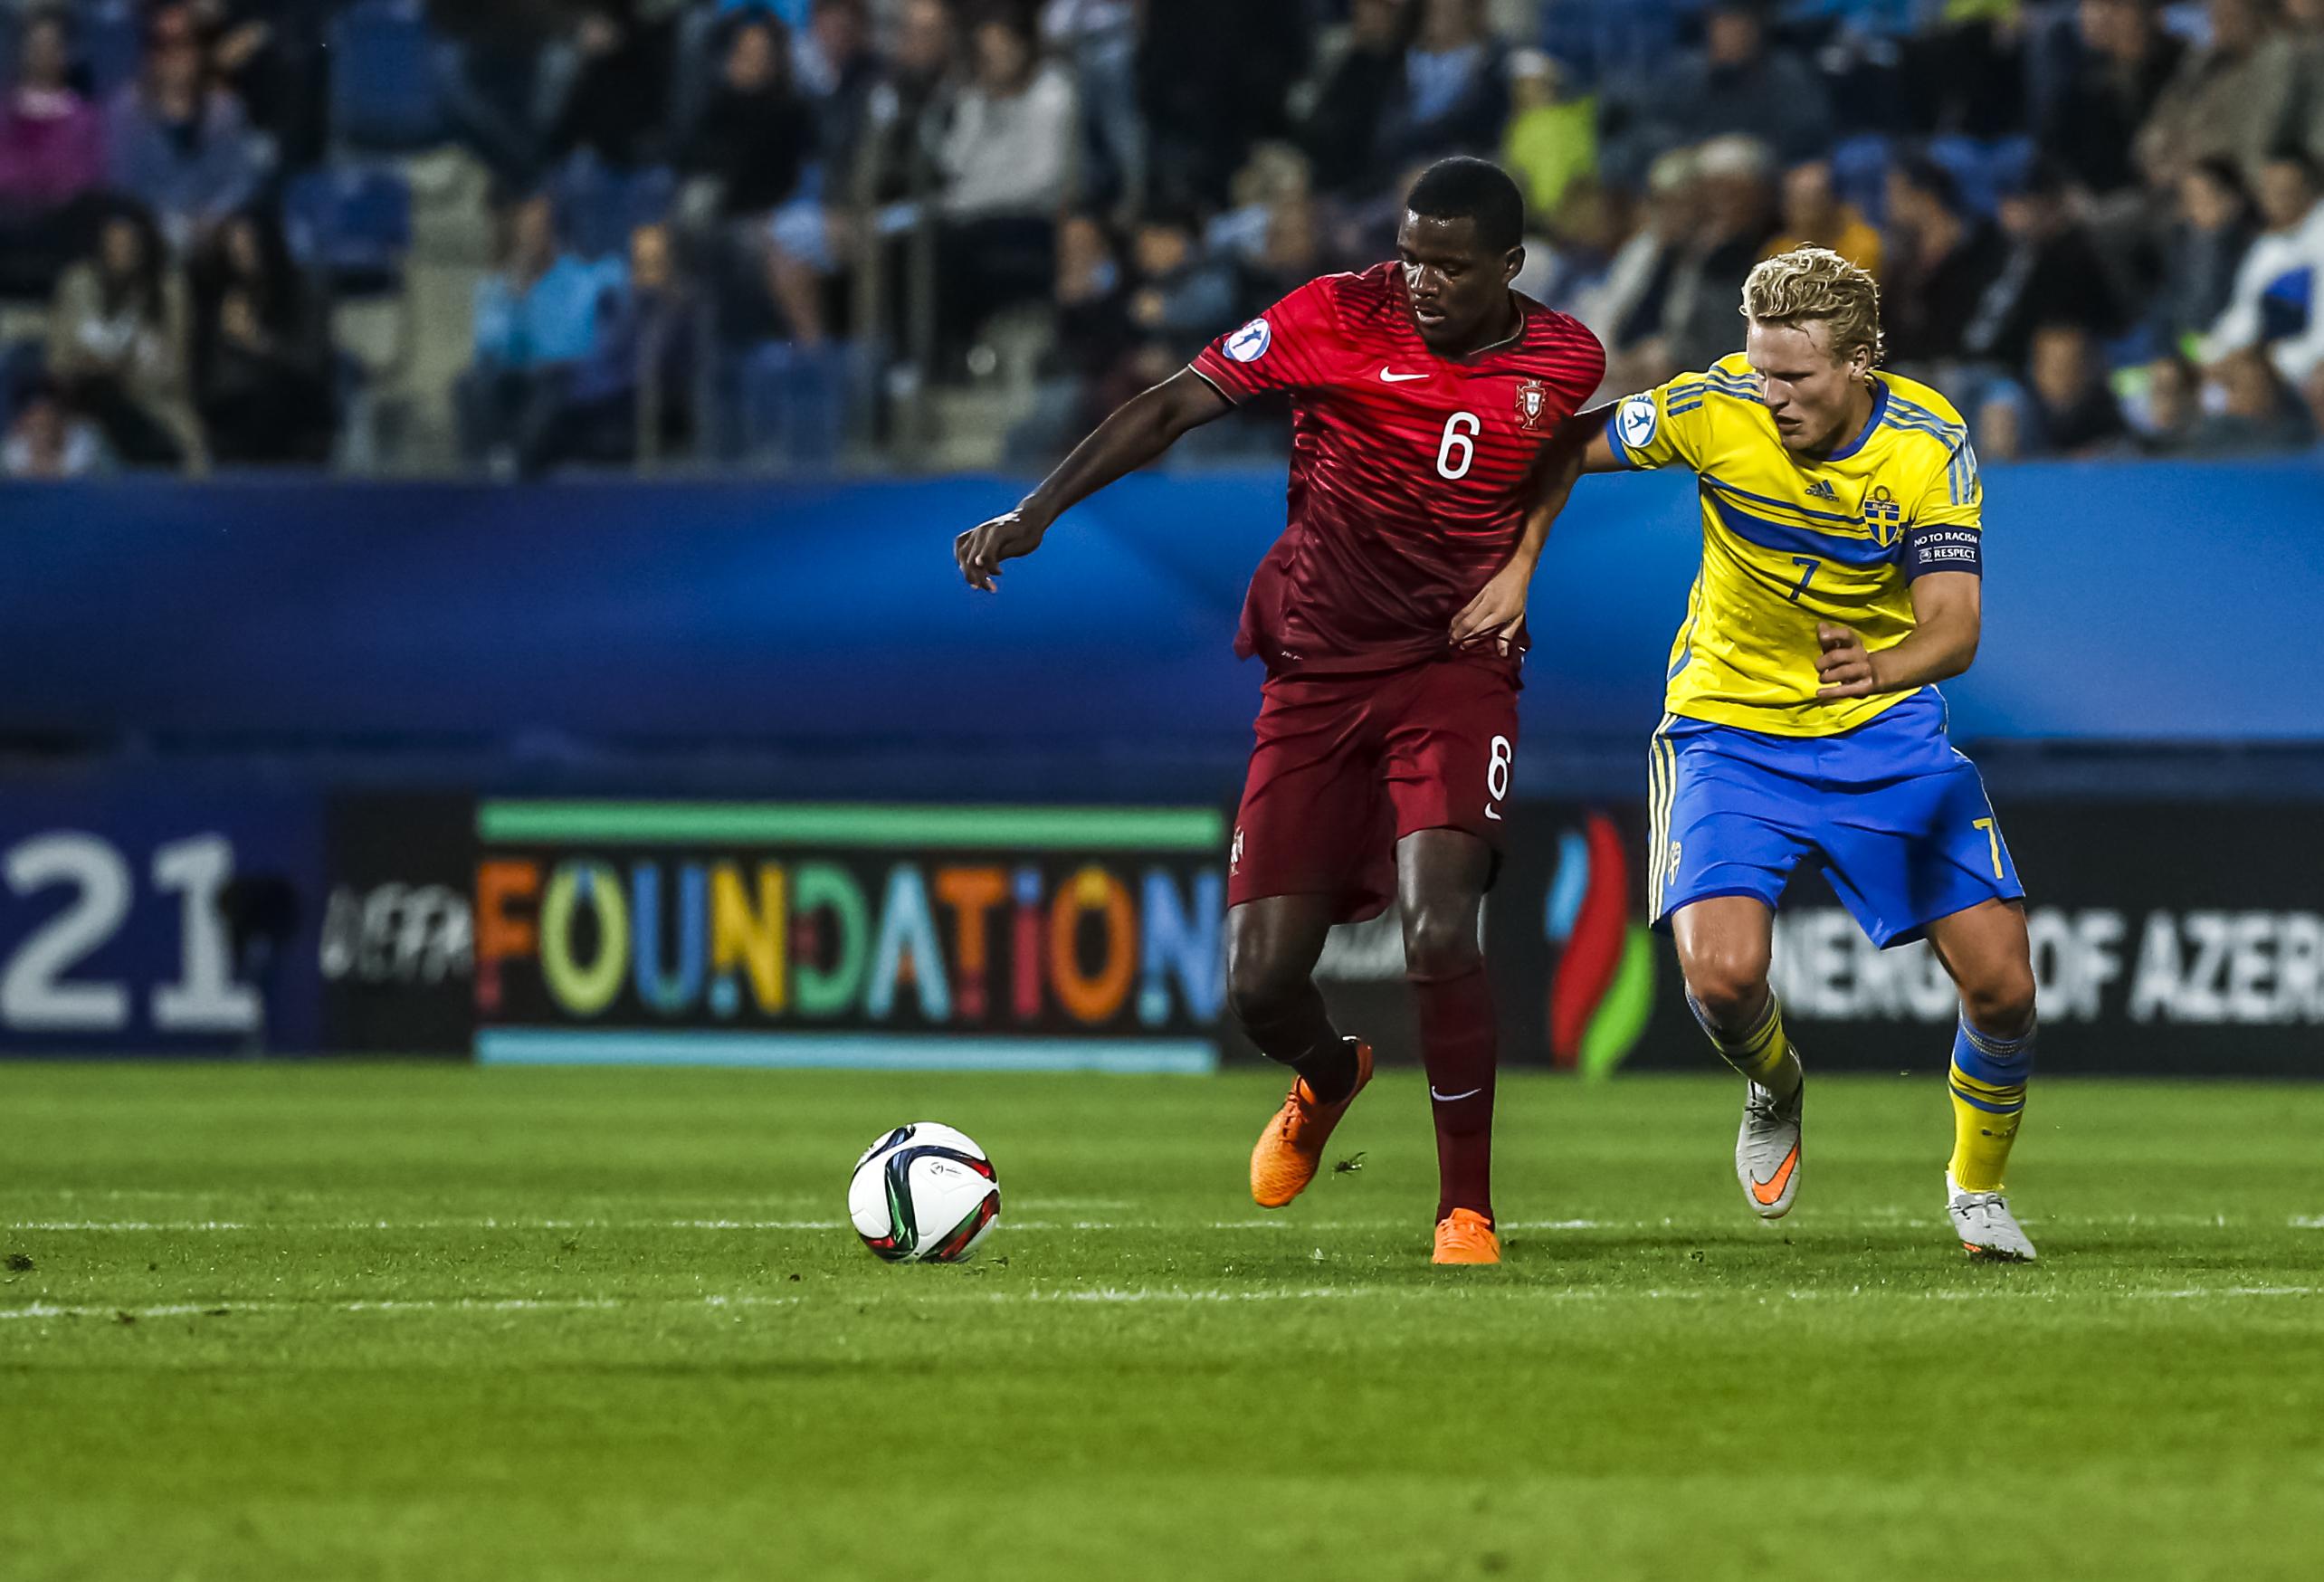 478329040-portugal-v-sweden-uefa-under21-european-championship-2015.jpg